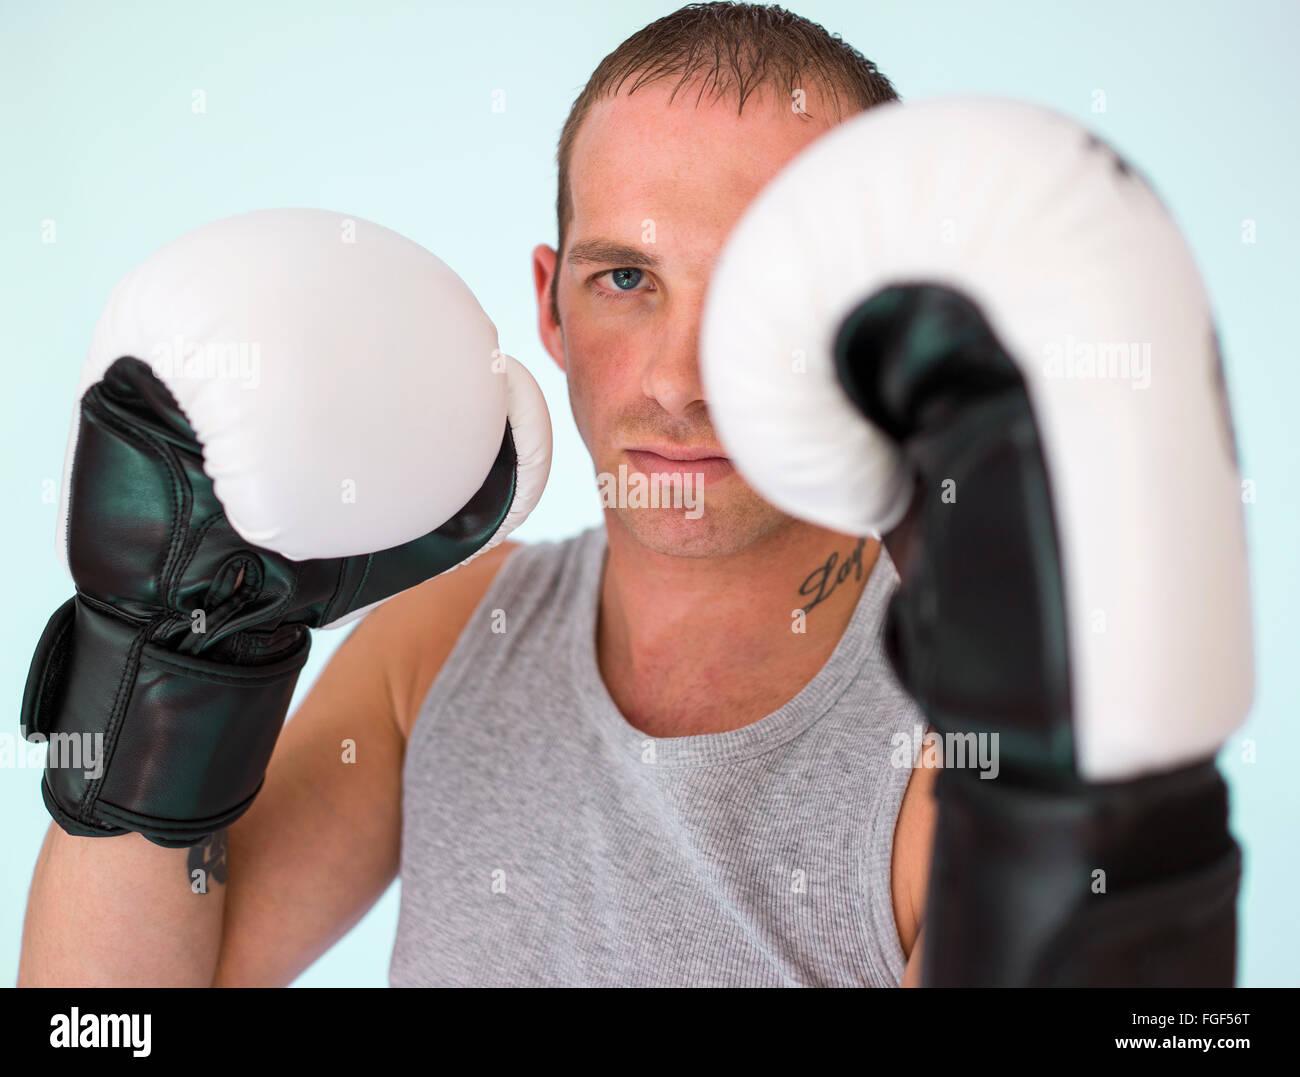 Uomo che indossa guantoni da pugilato circa per la lotta Immagini Stock